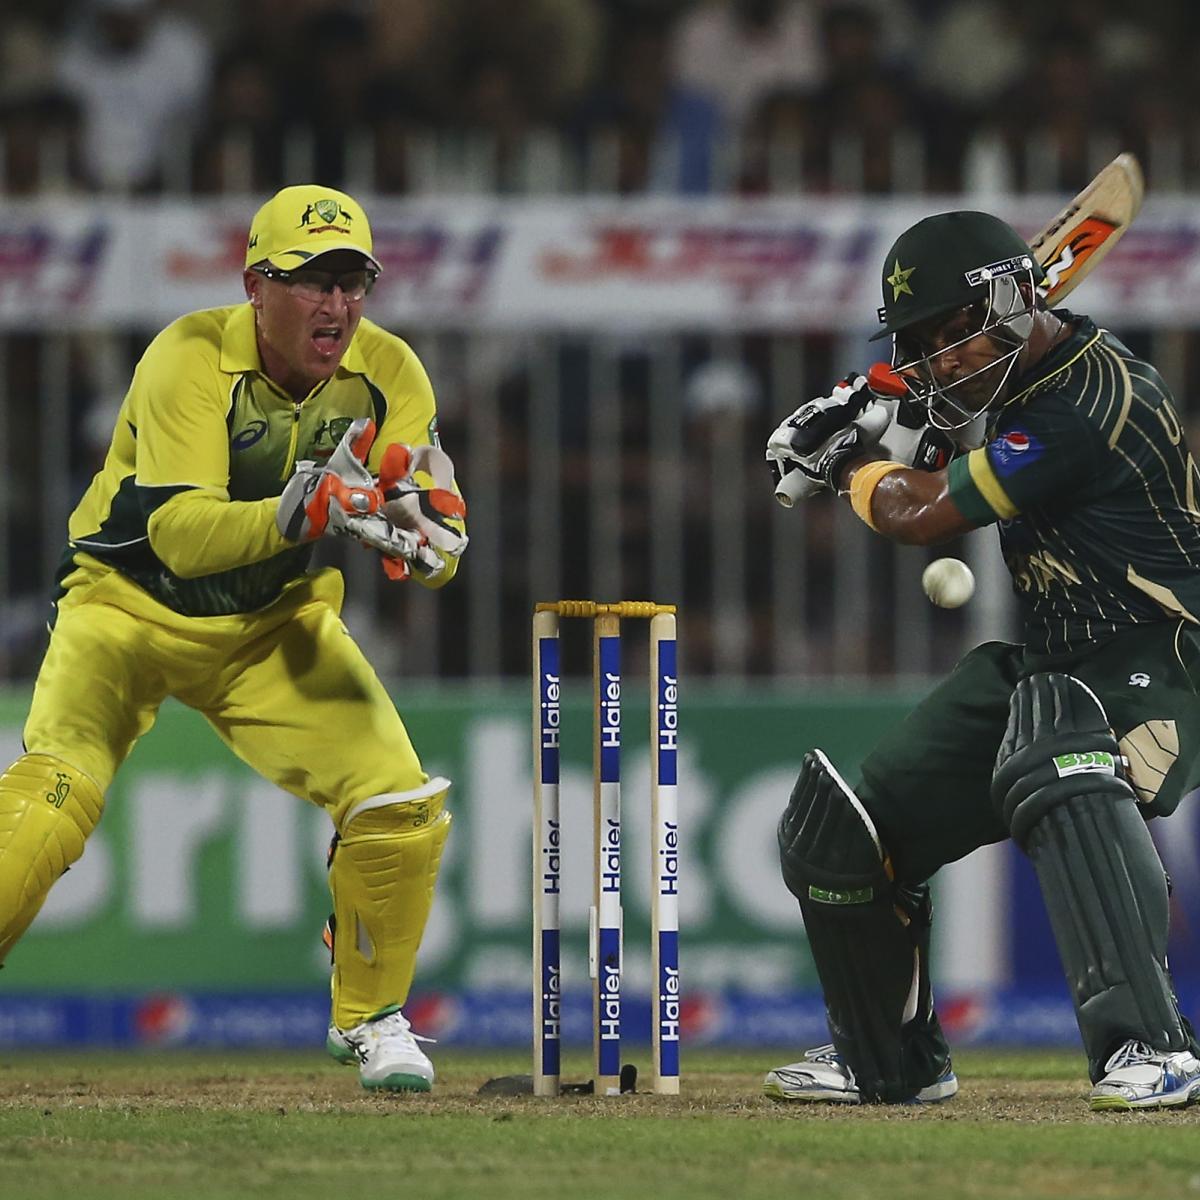 Pakistan Vs. Australia, 2nd ODI: Date, Live Stream, TV